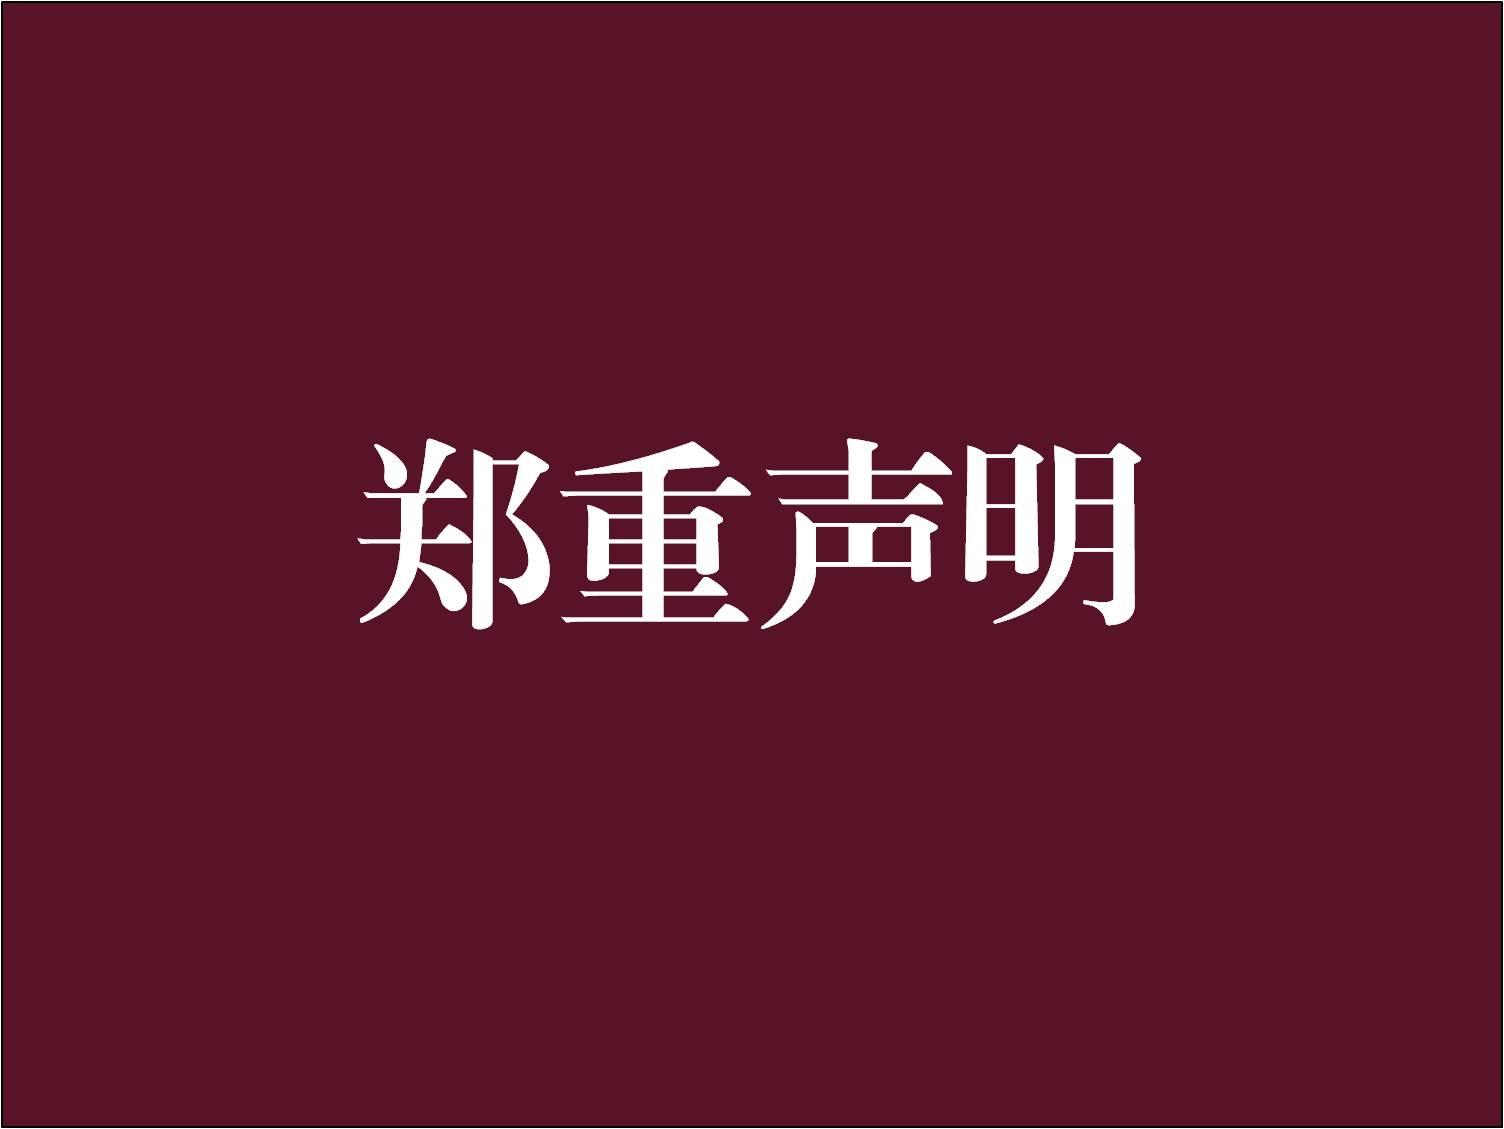 湖北省职业技能鉴定指导中心关于湖北省国家职业资格考试的郑重声明